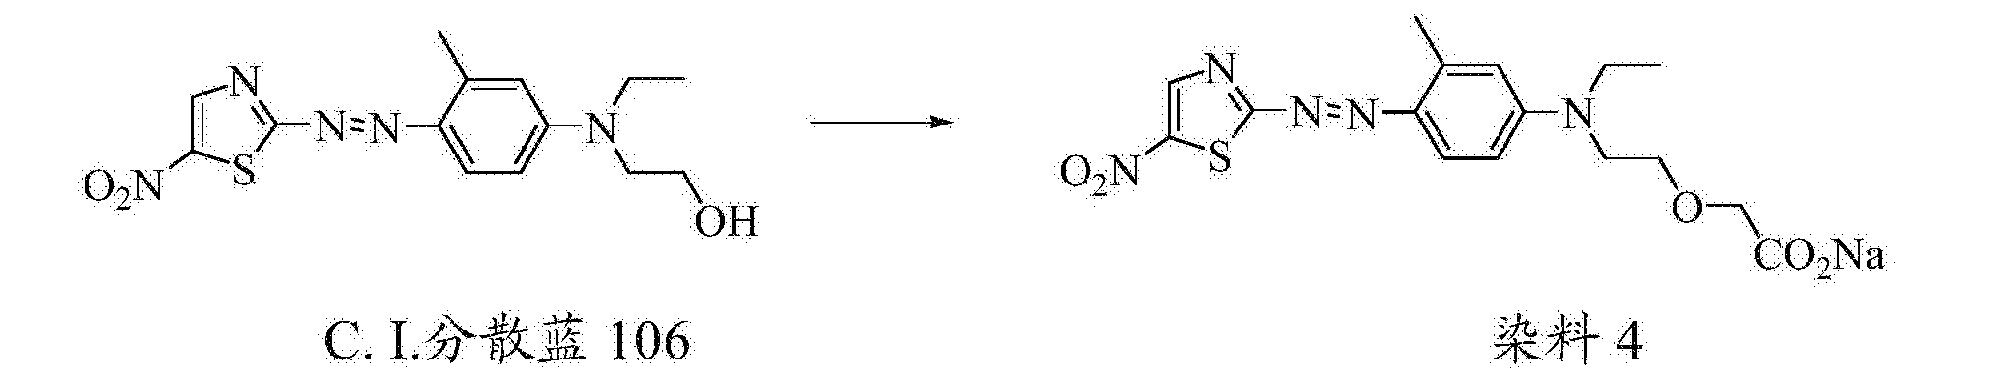 Figure CN104350106BD00203